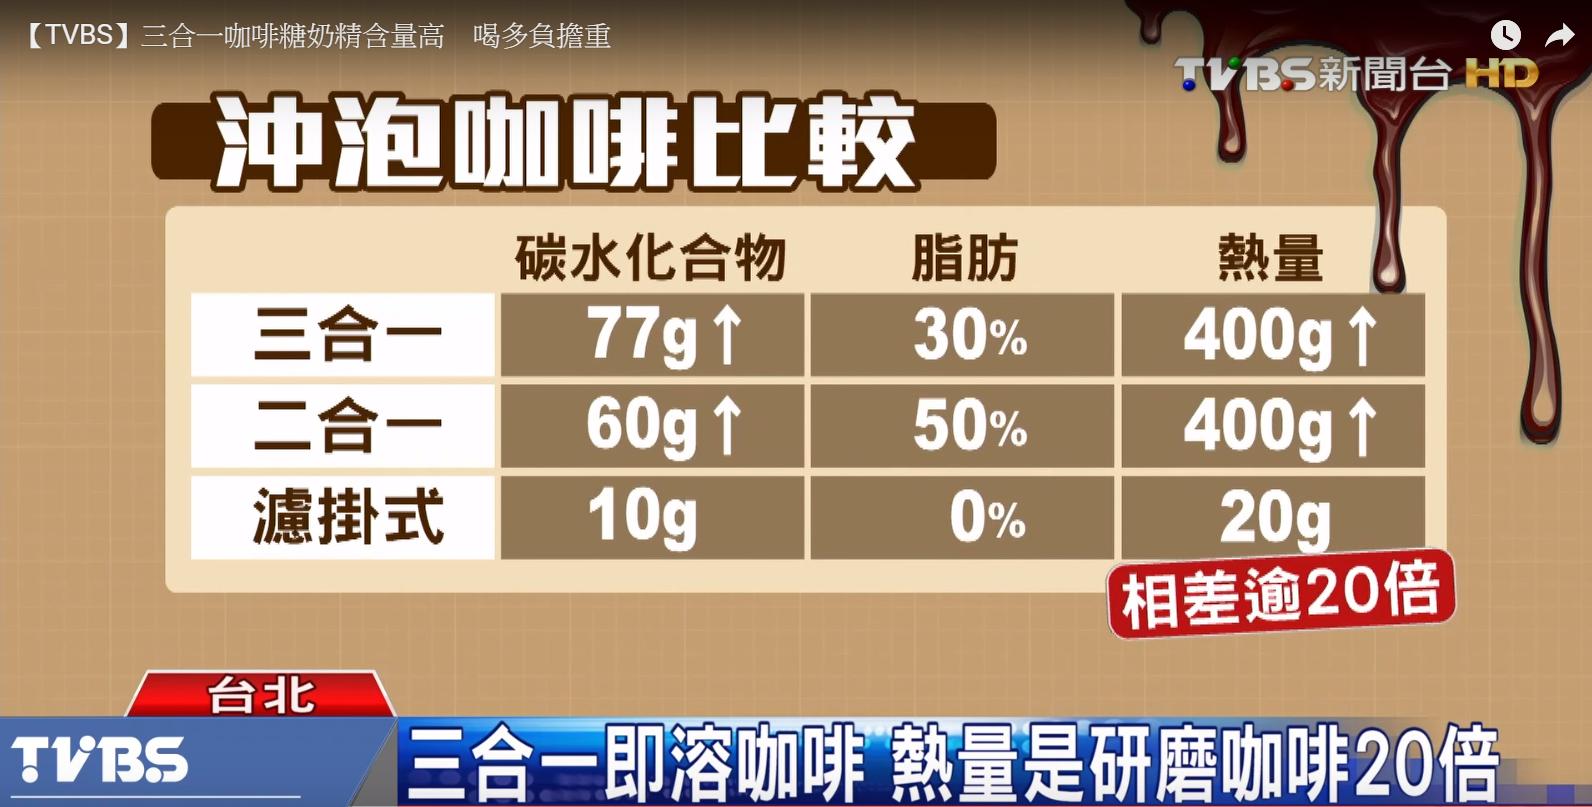 三合一即溶咖啡,熱量是咖啡原豆研磨濾掛咖啡的20倍